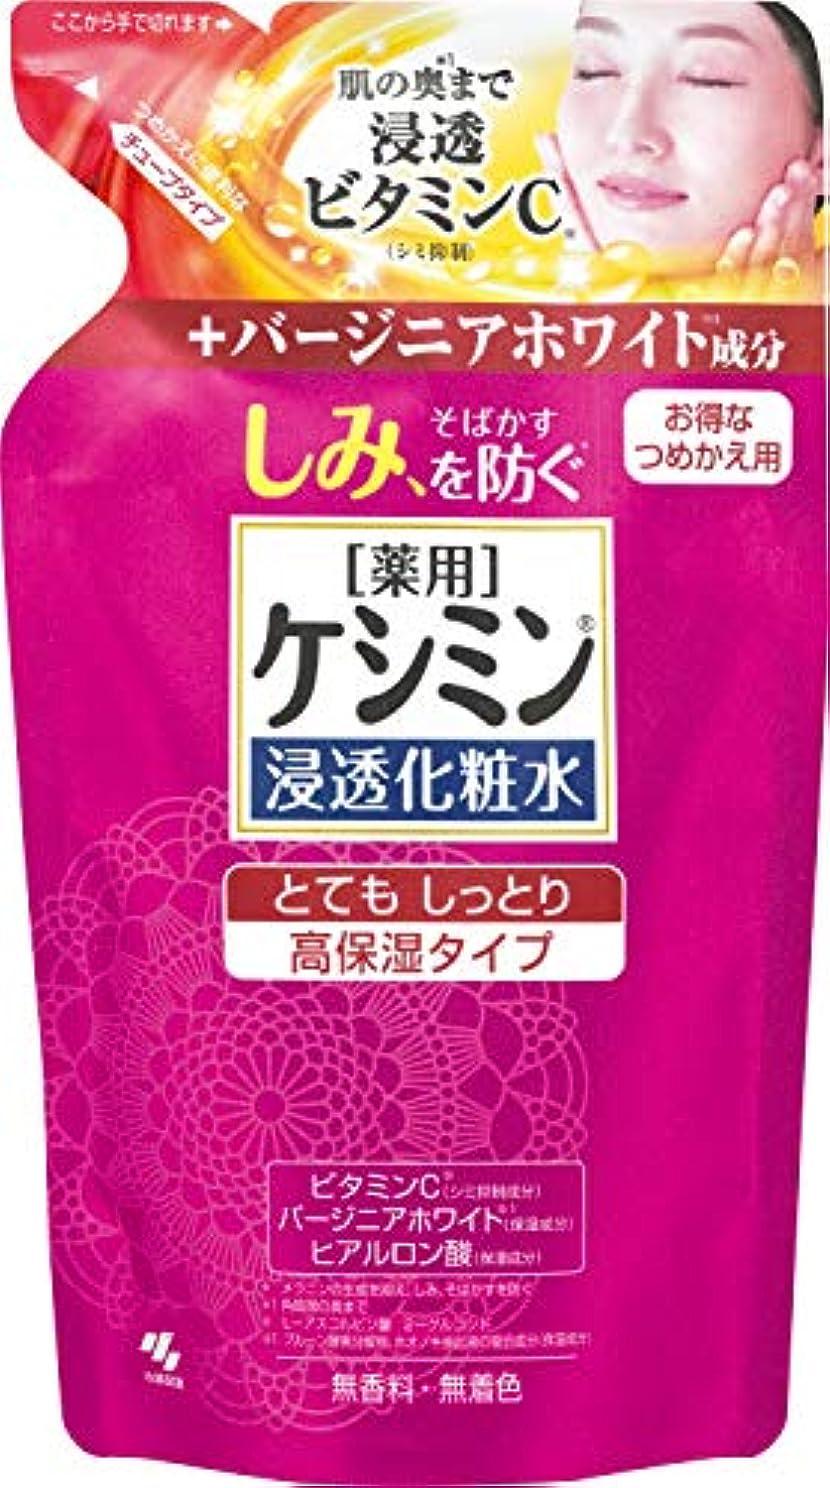 懲らしめとても無人ケシミン浸透化粧水 とてもしっとり 詰め替え用 シミを防ぐ 140ml 【医薬部外品】